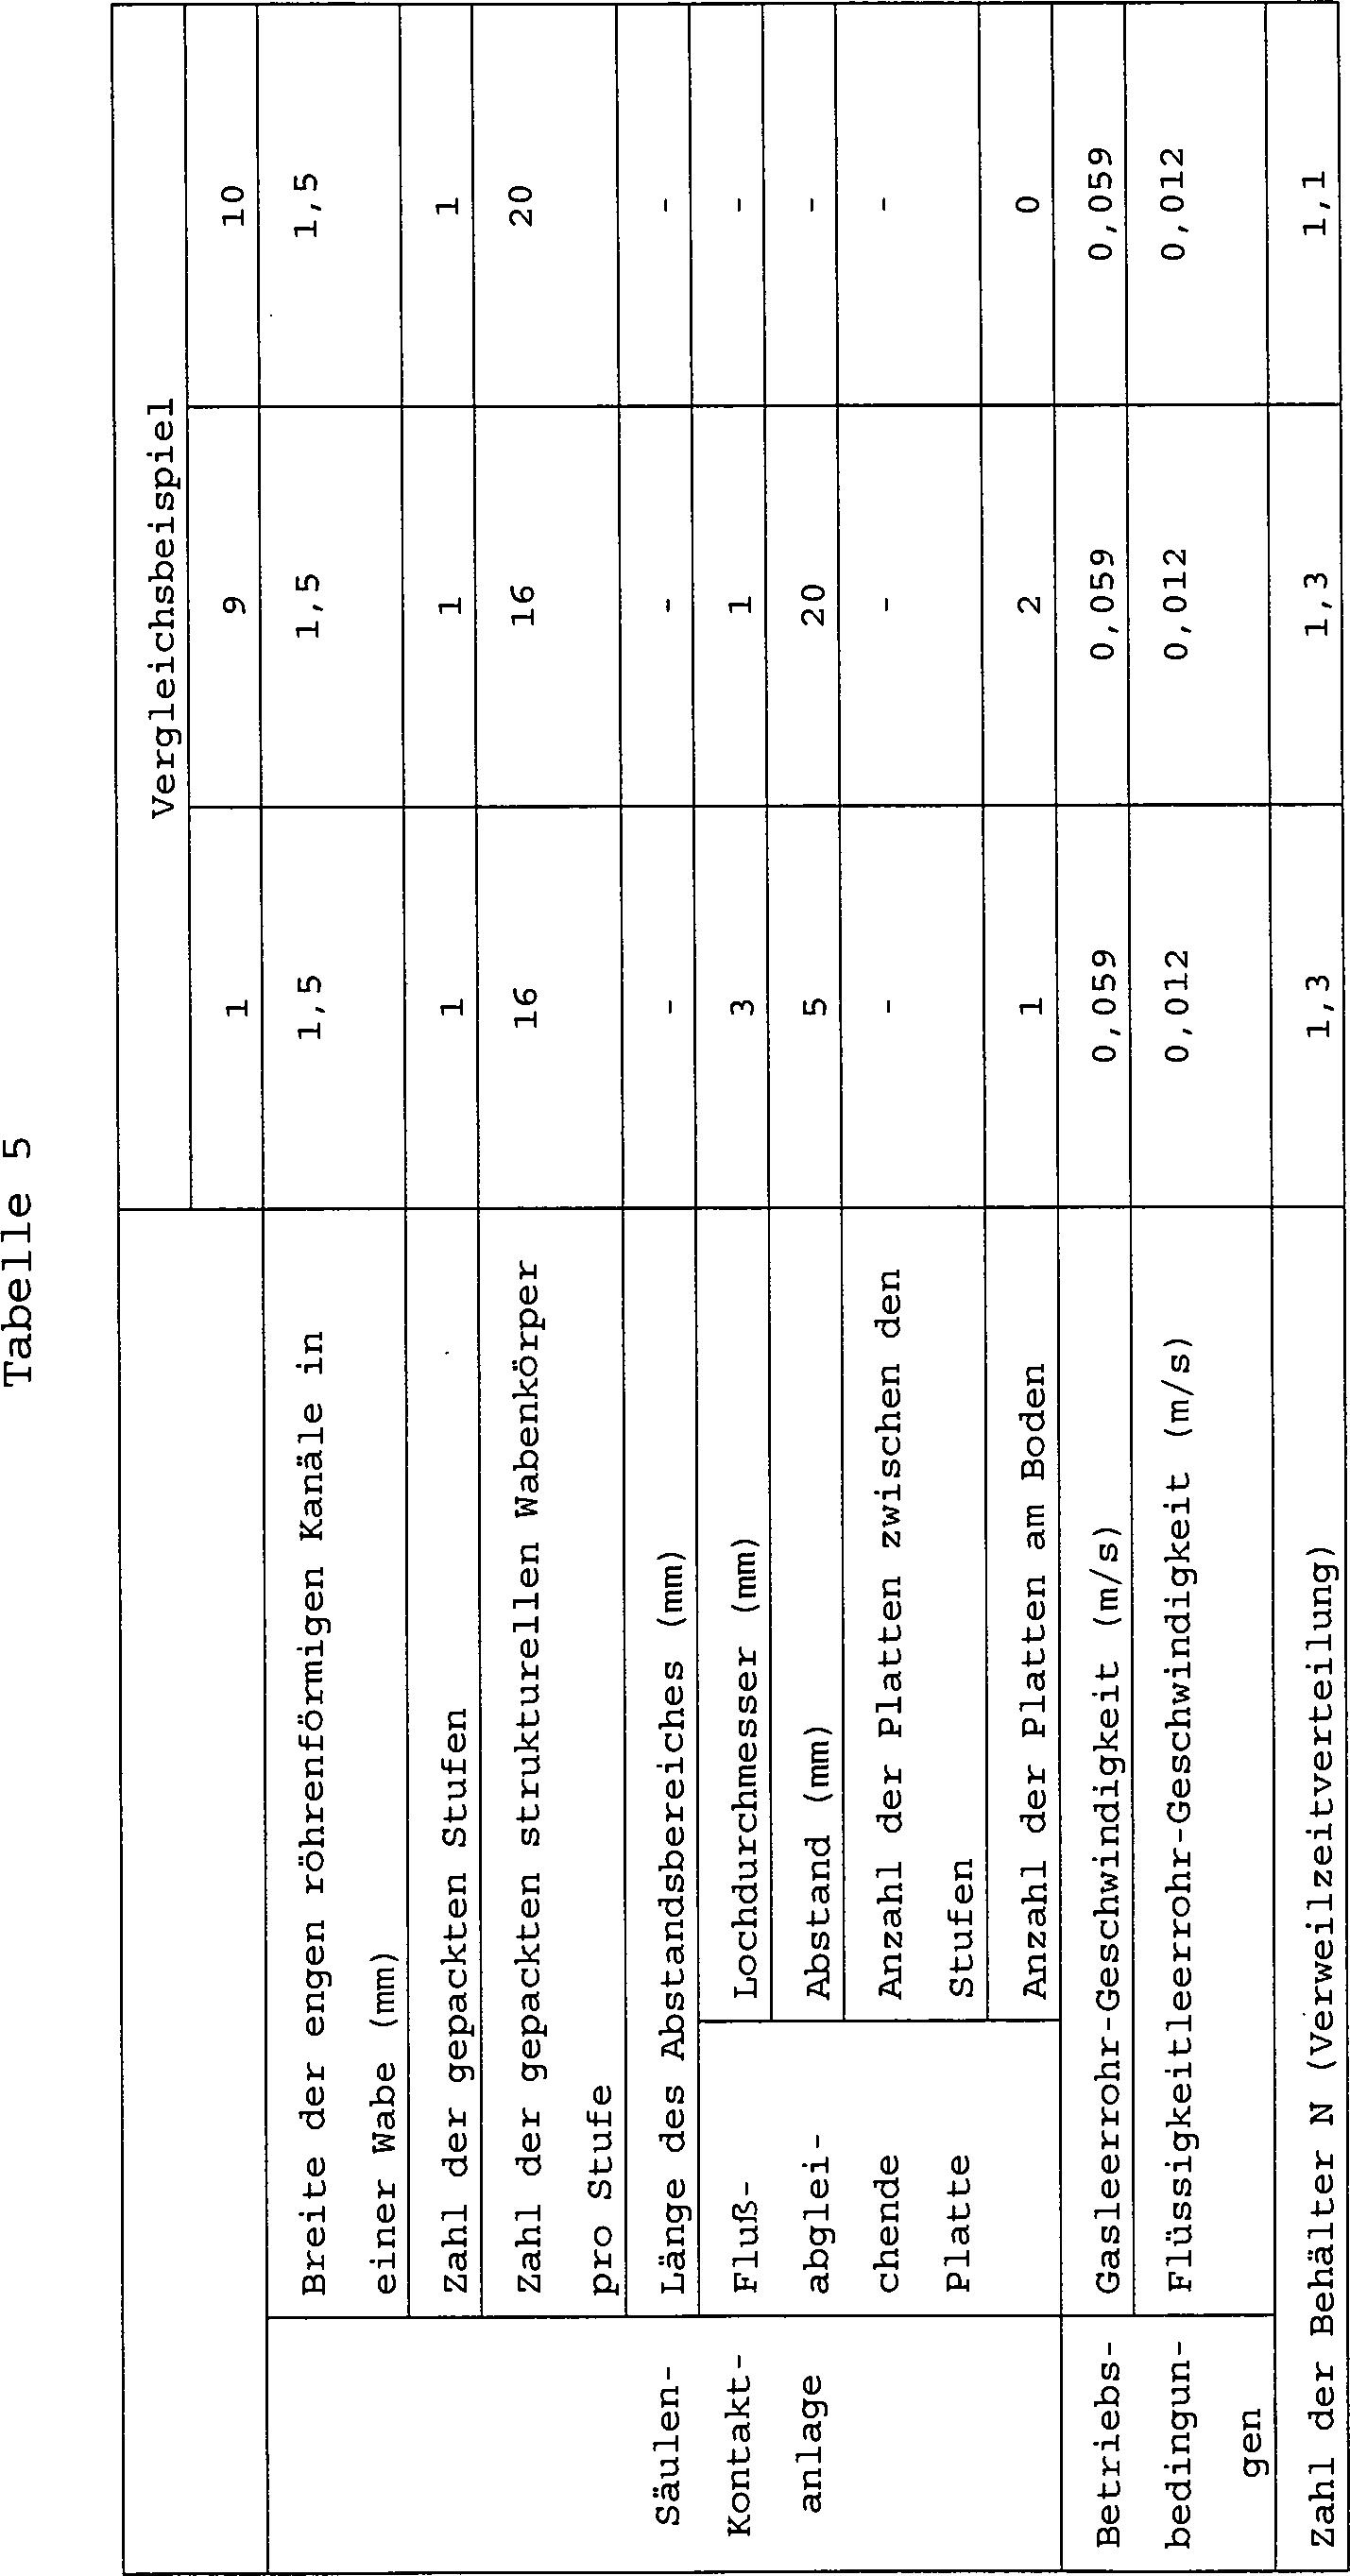 Ziemlich 1 0 Drahtdurchmesser Fotos - Der Schaltplan - greigo.com